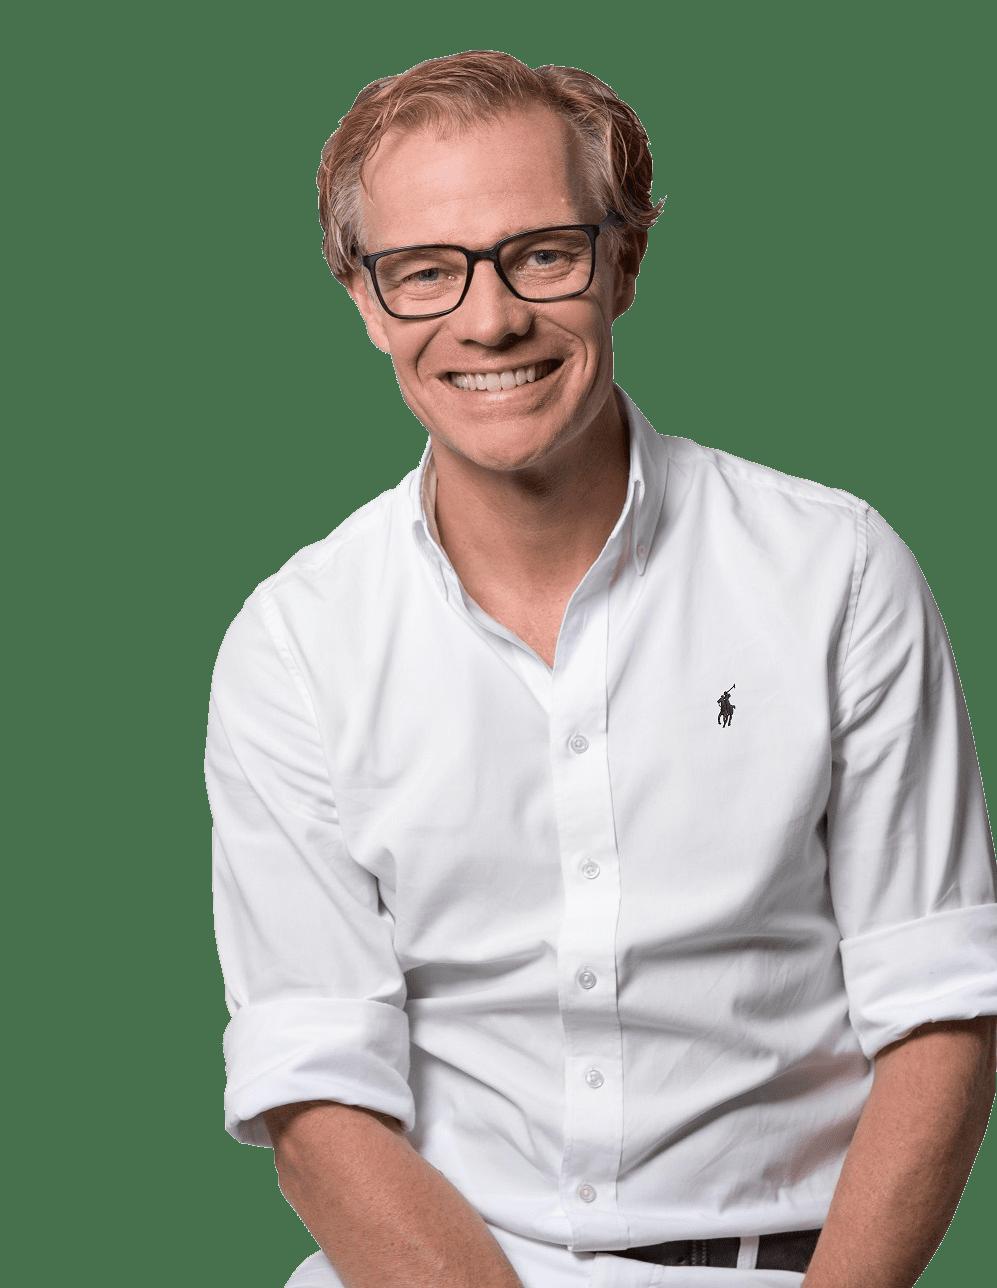 Dr. Jens Enneper, Orthopäde und Inhaber, orthopädische Praxis in Köln